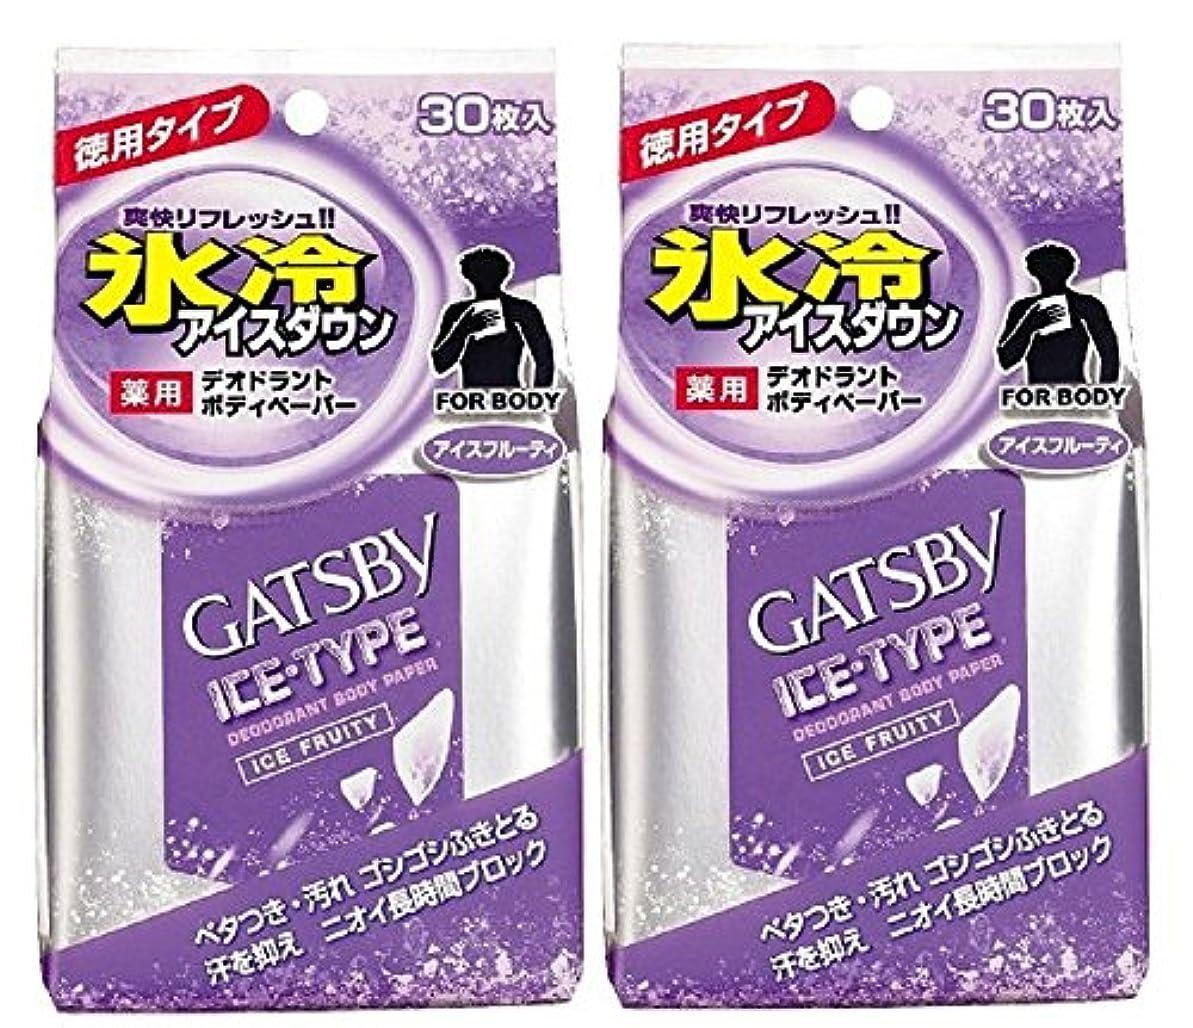 ホスト夫追うGATSBY (ギャツビー) アイスデオドラントボディペーパー アイスフルーティ <徳用> (医薬部外品) 30枚 2P